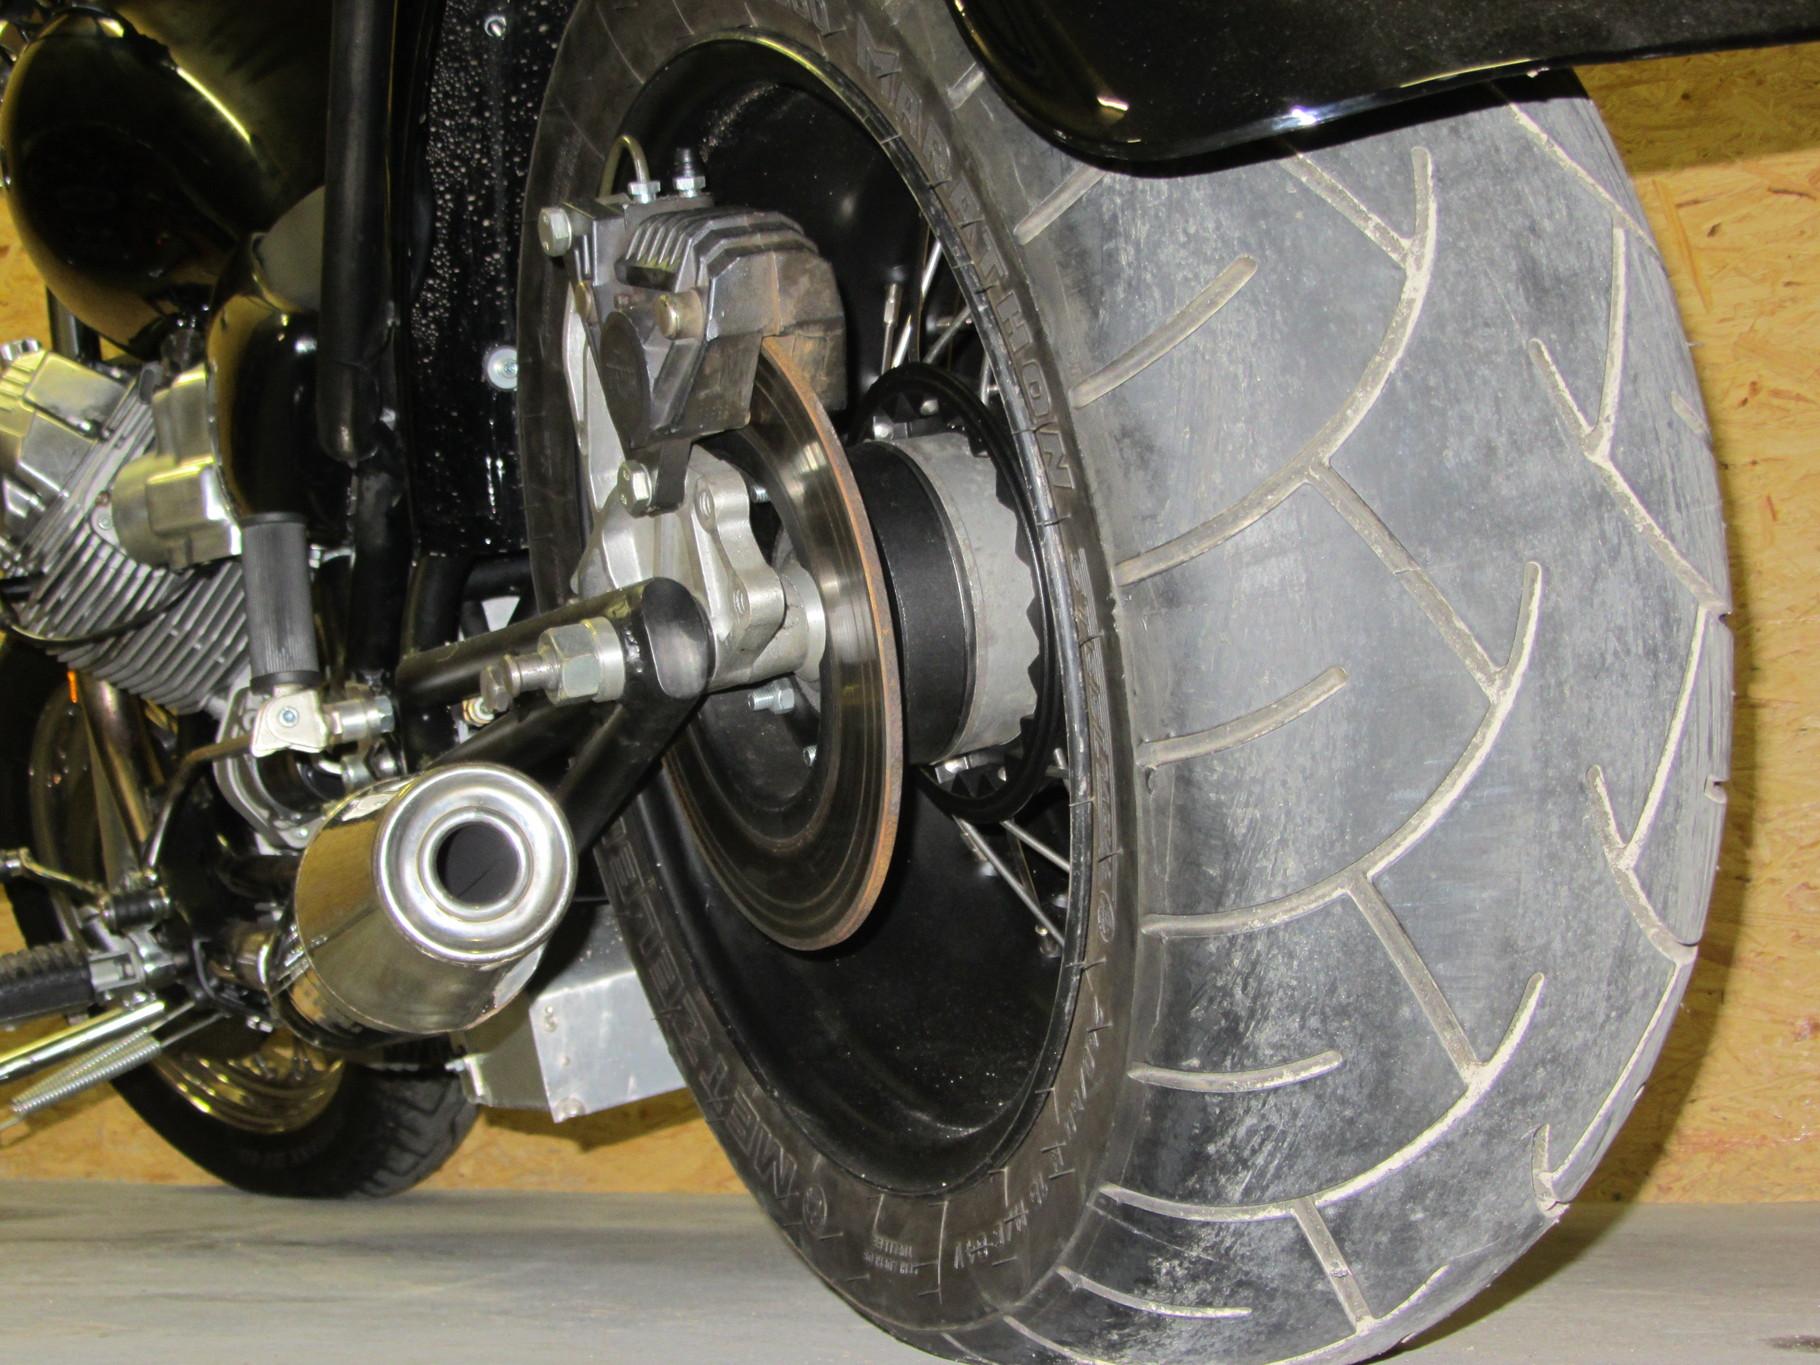 Moto Guzzi Motorräder, Moto Guzzi Service, Zoccoletto Seitenwagen ...